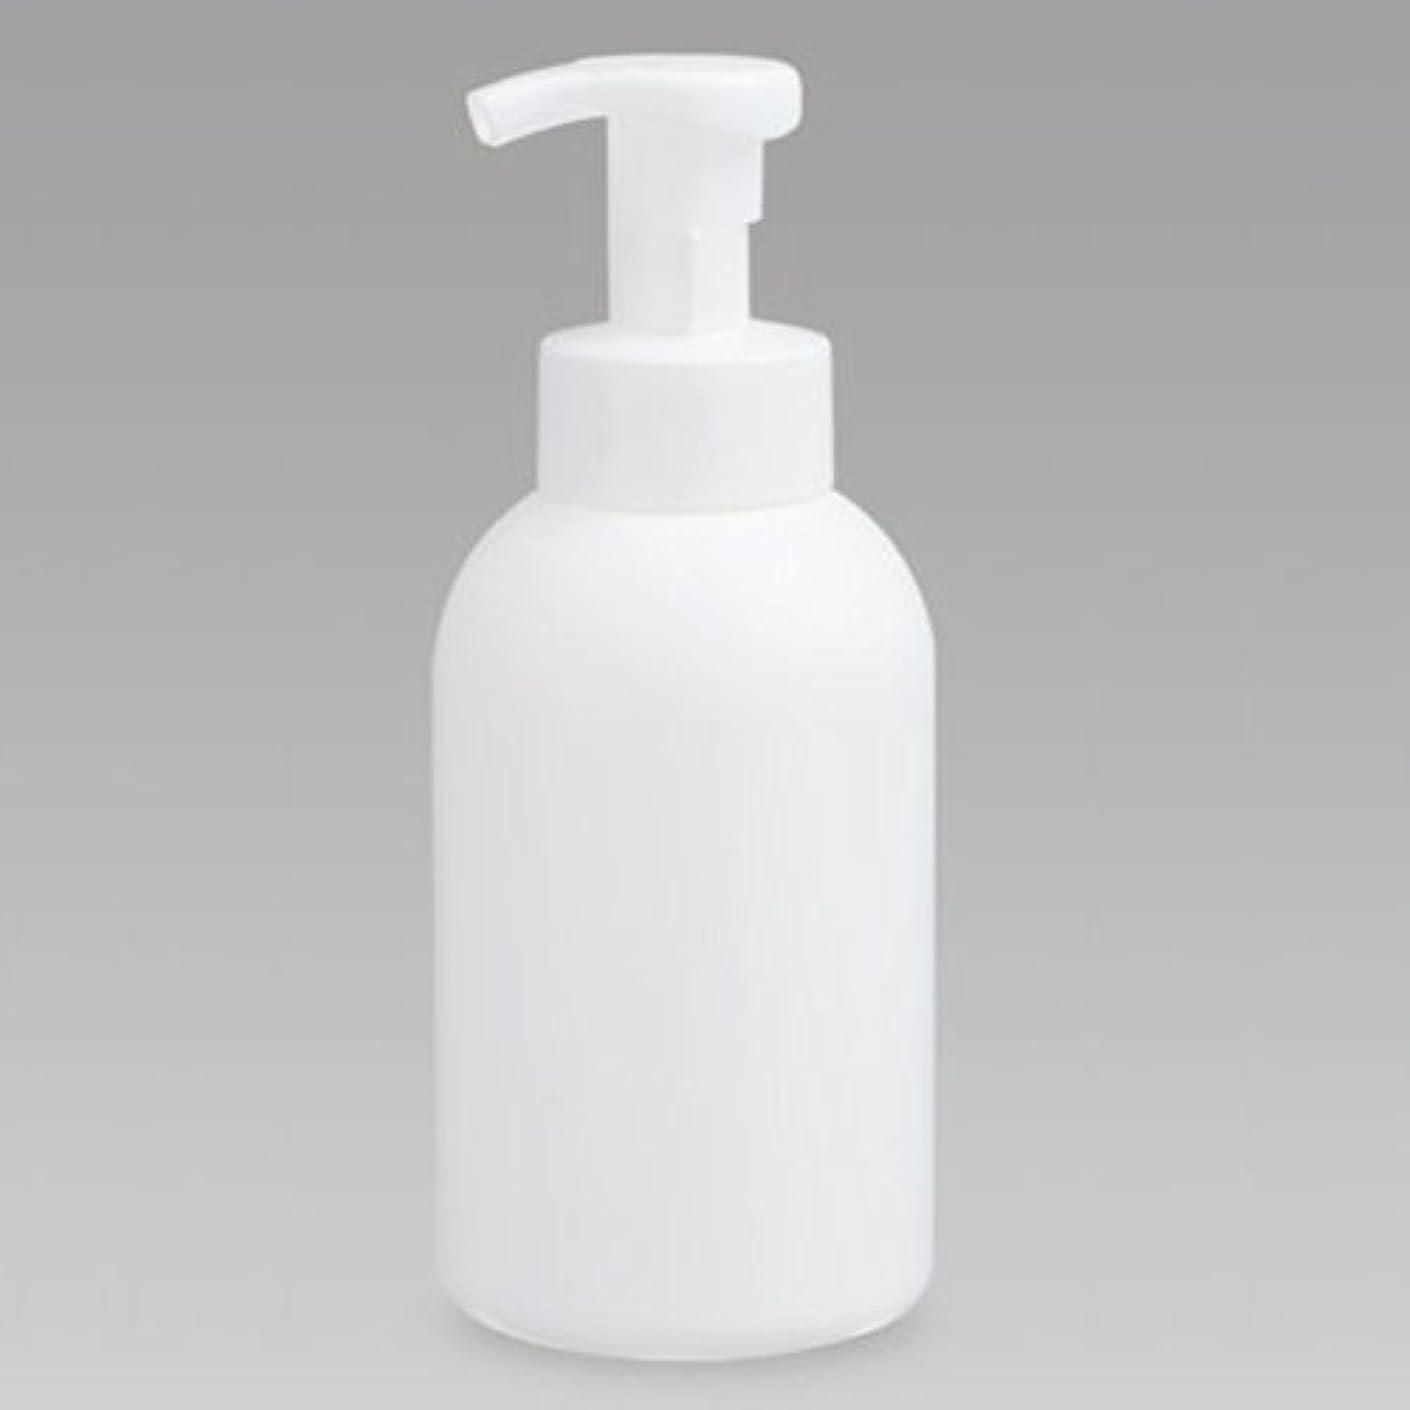 振る舞い有効な振る泡ボトル 泡ポンプボトル 500mL(PE) ホワイト 詰め替え 詰替 泡ハンドソープ 全身石鹸 ボディソープ 洗顔フォーム